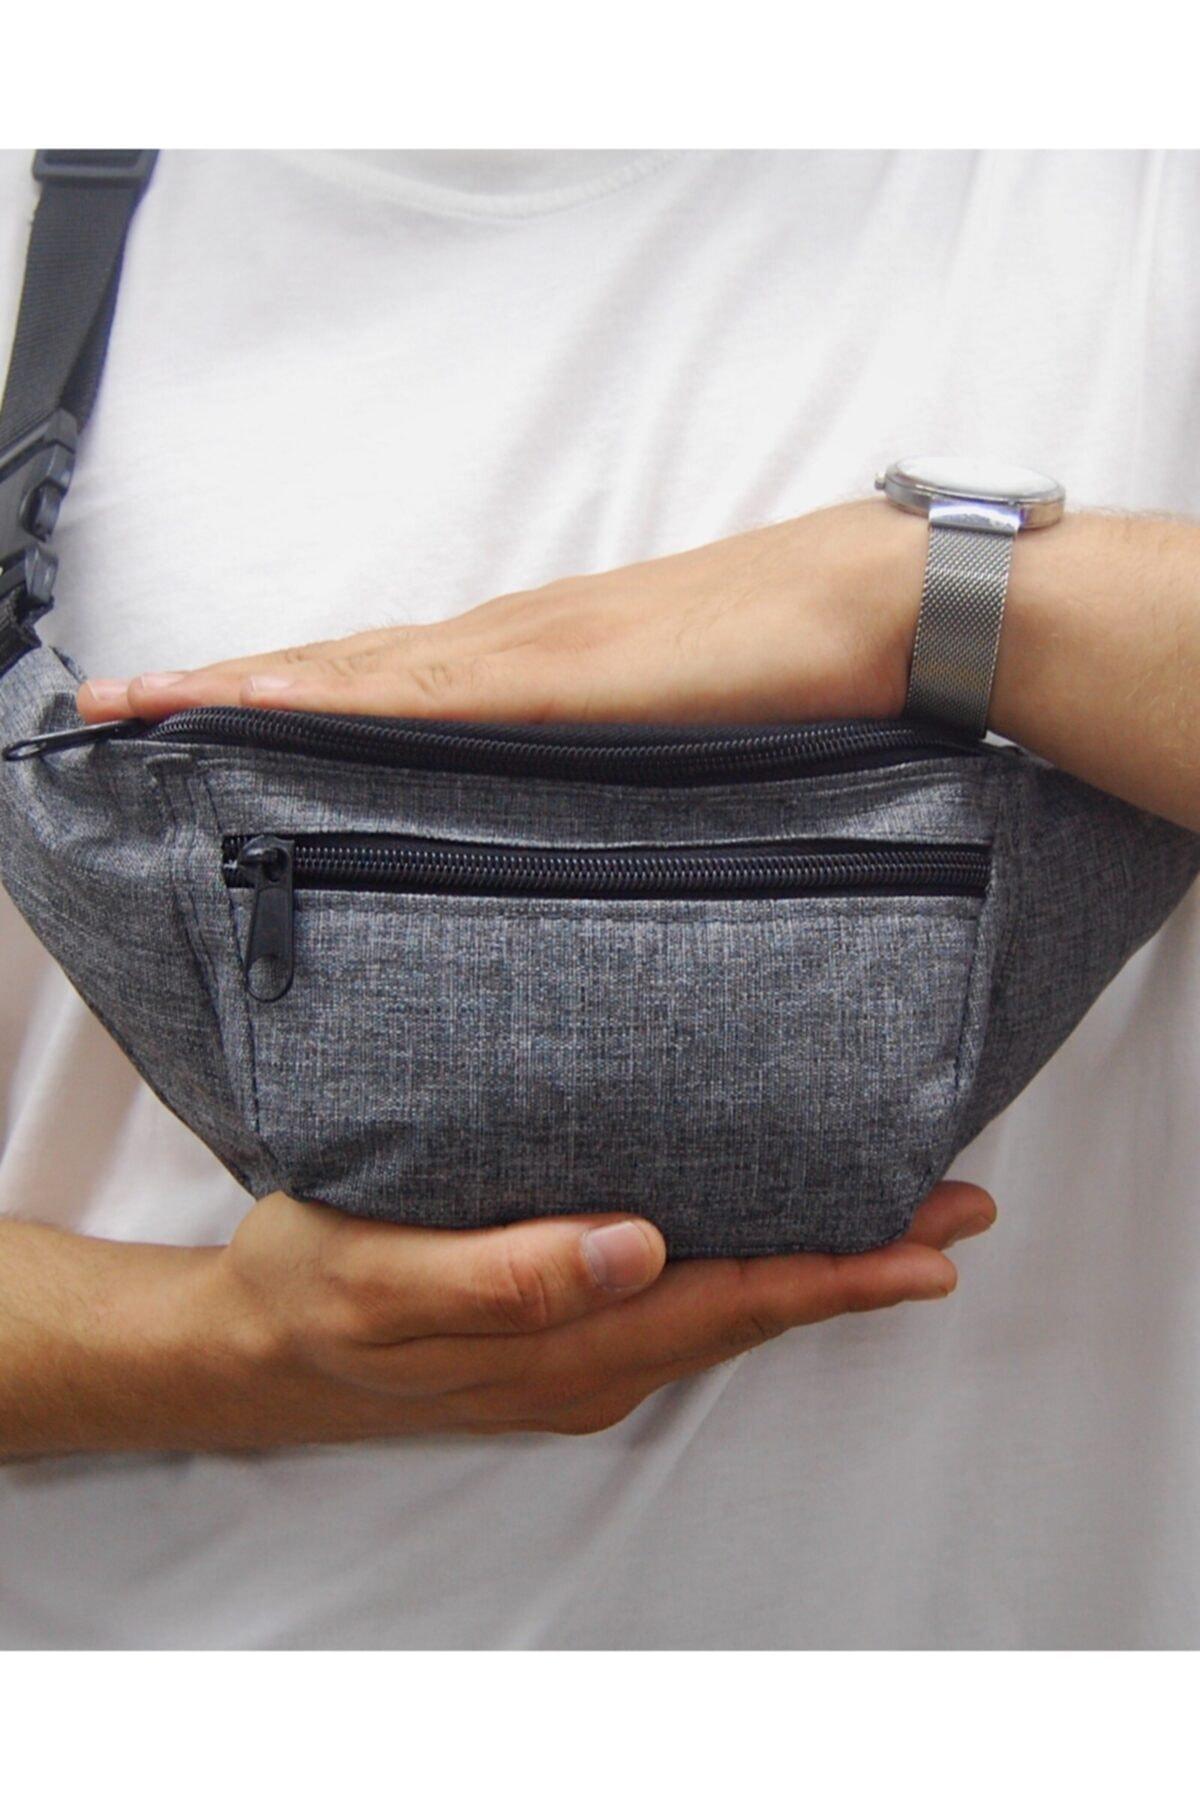 Moda West Unisex Gri Askılı Çapraz Omuz ve Bel Çantası 1